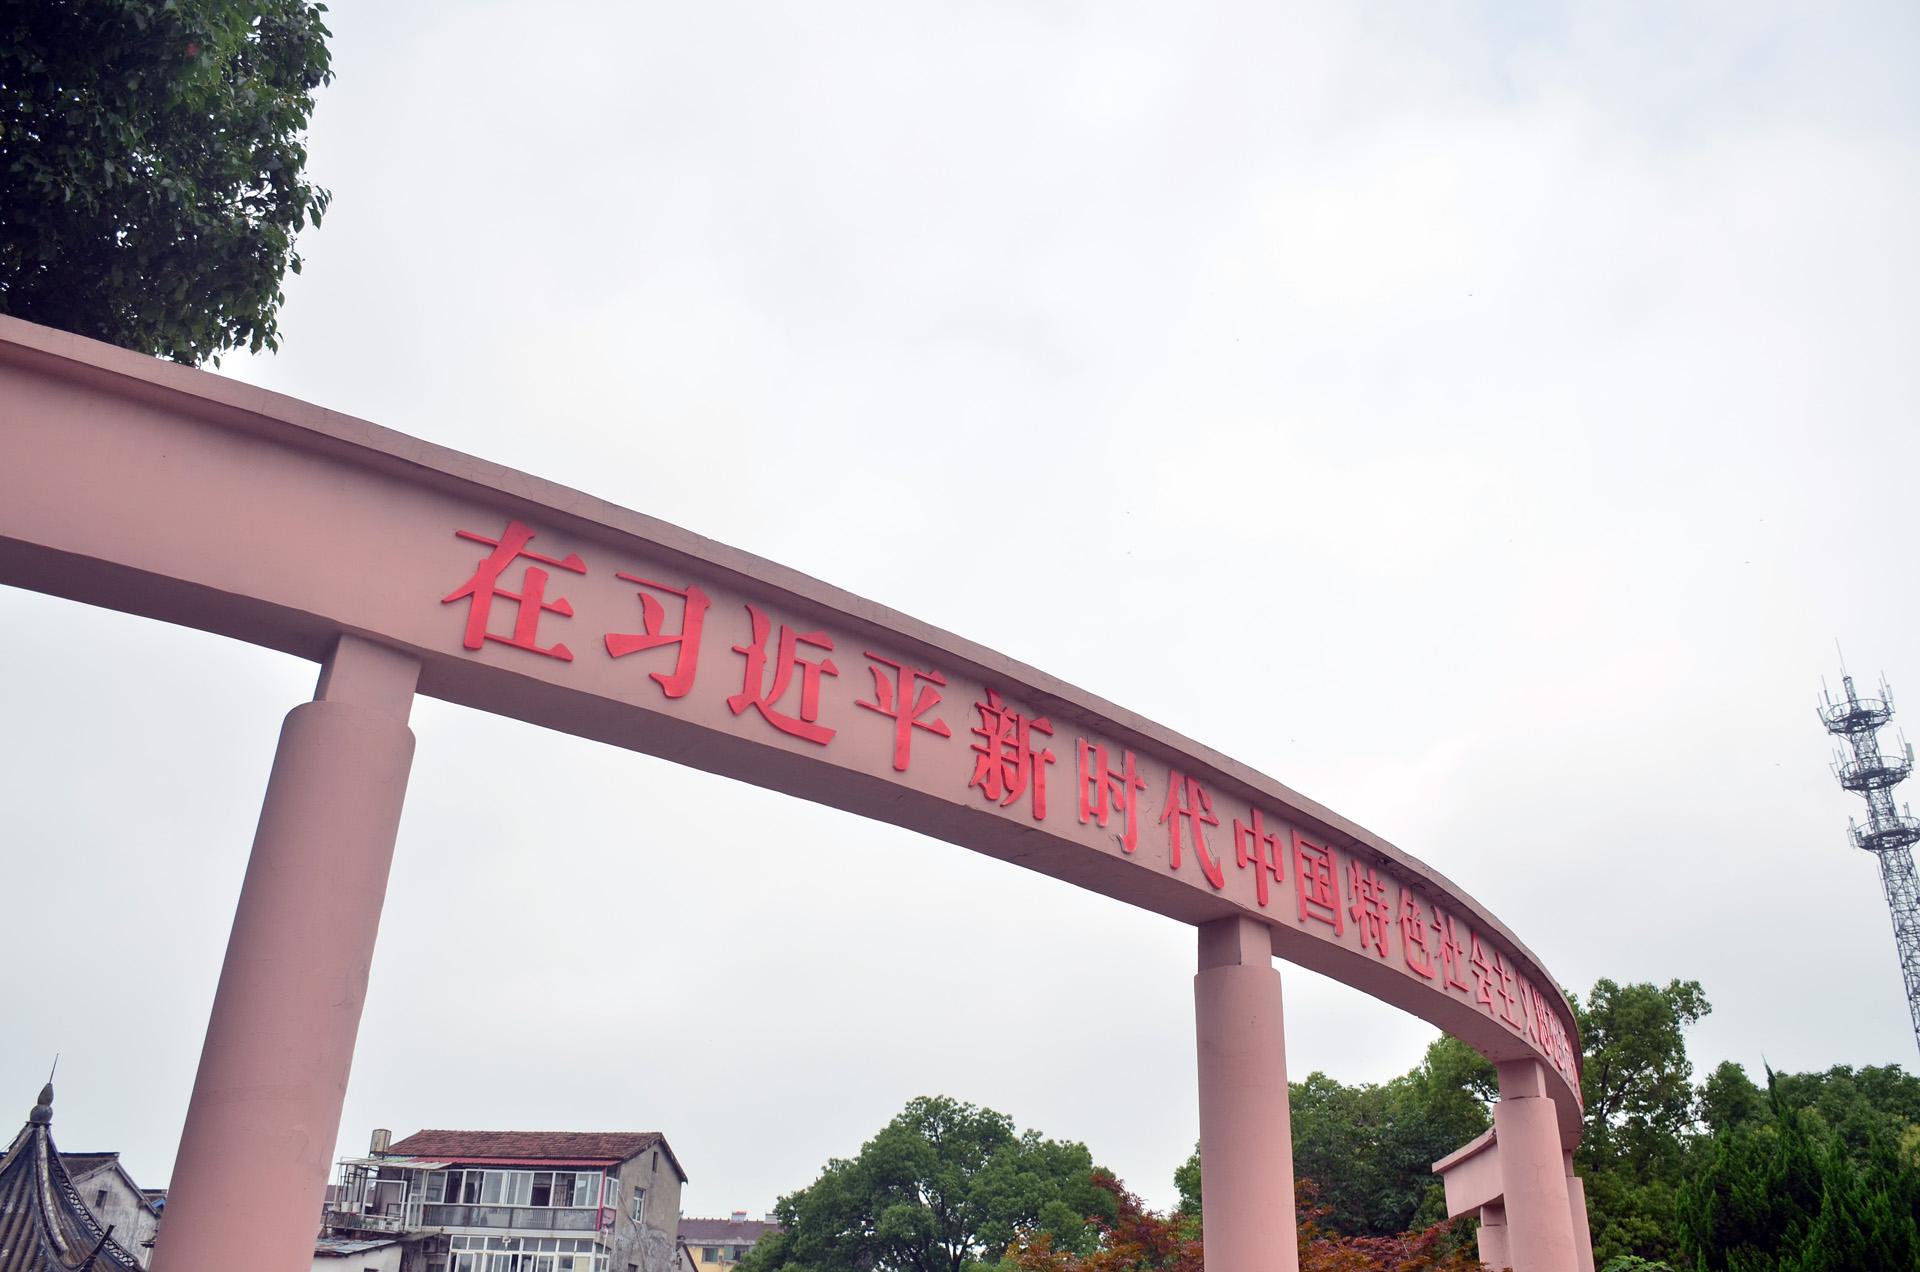 太仓市浏河镇朱屺瞻纪念馆组图 摄影 这里是太仓 第4张